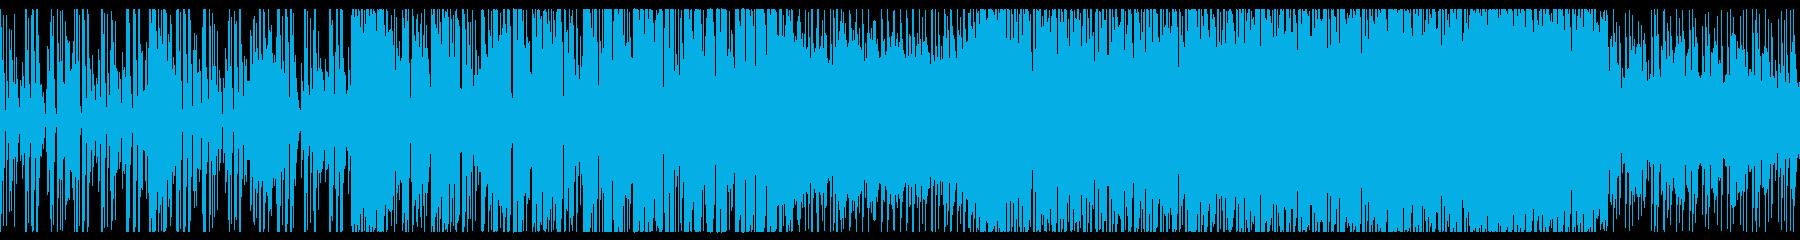 明るく元気の良いシンセのループBGMの再生済みの波形